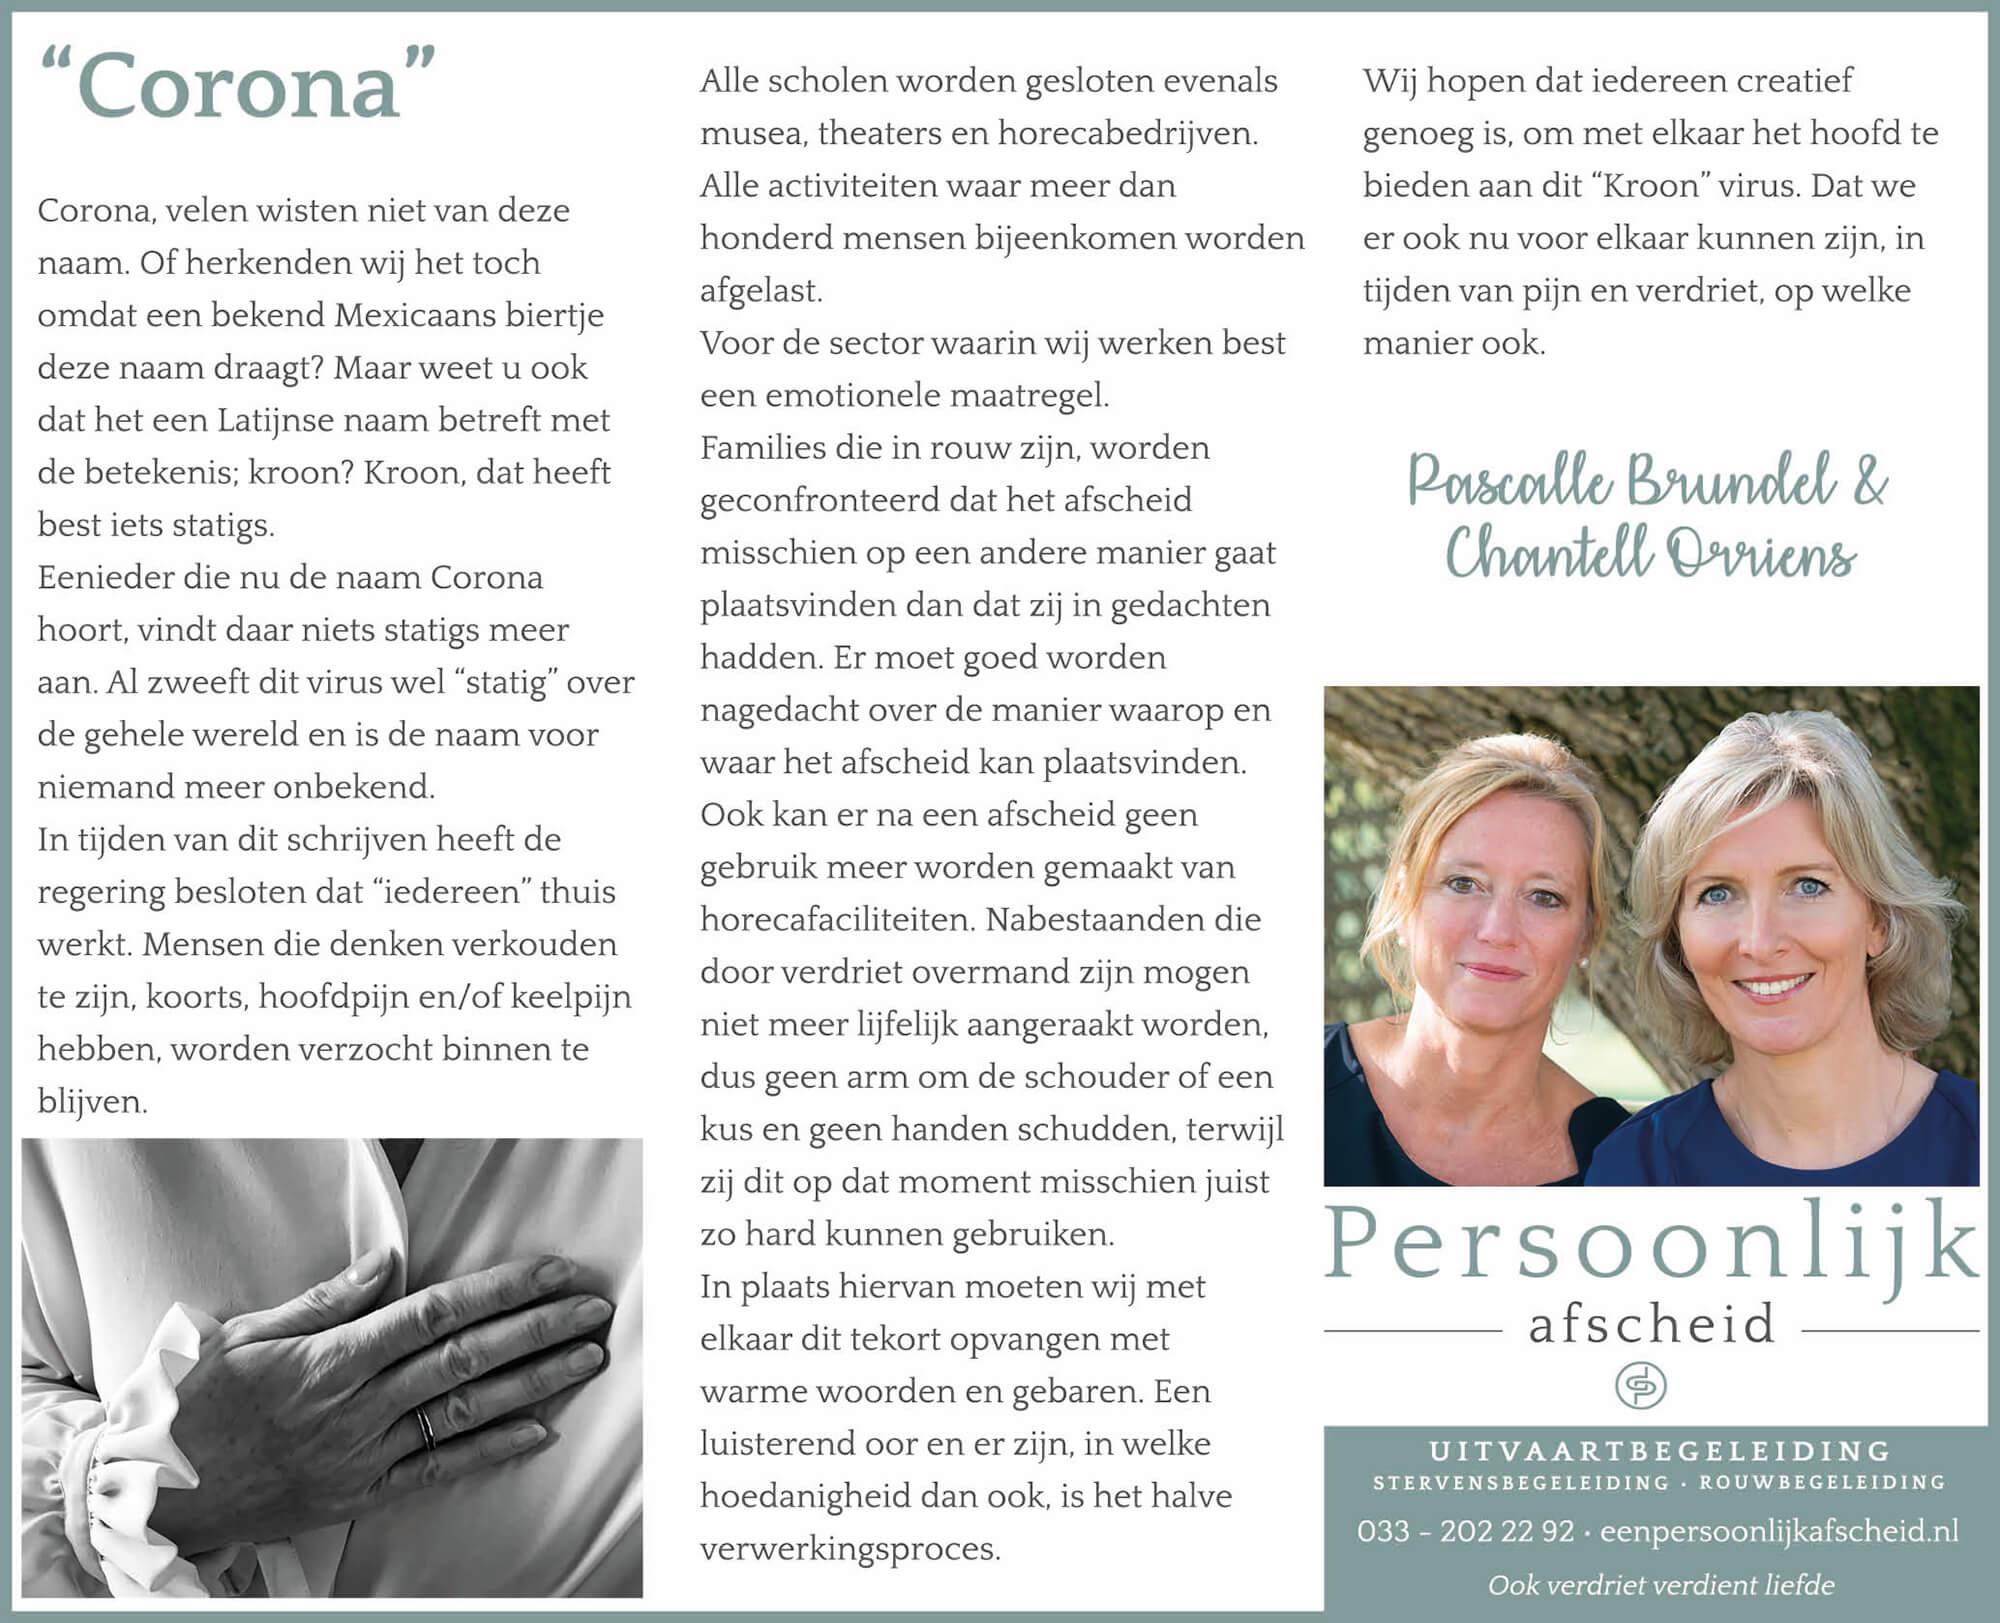 Column: Corona - Persoonlijk afscheid